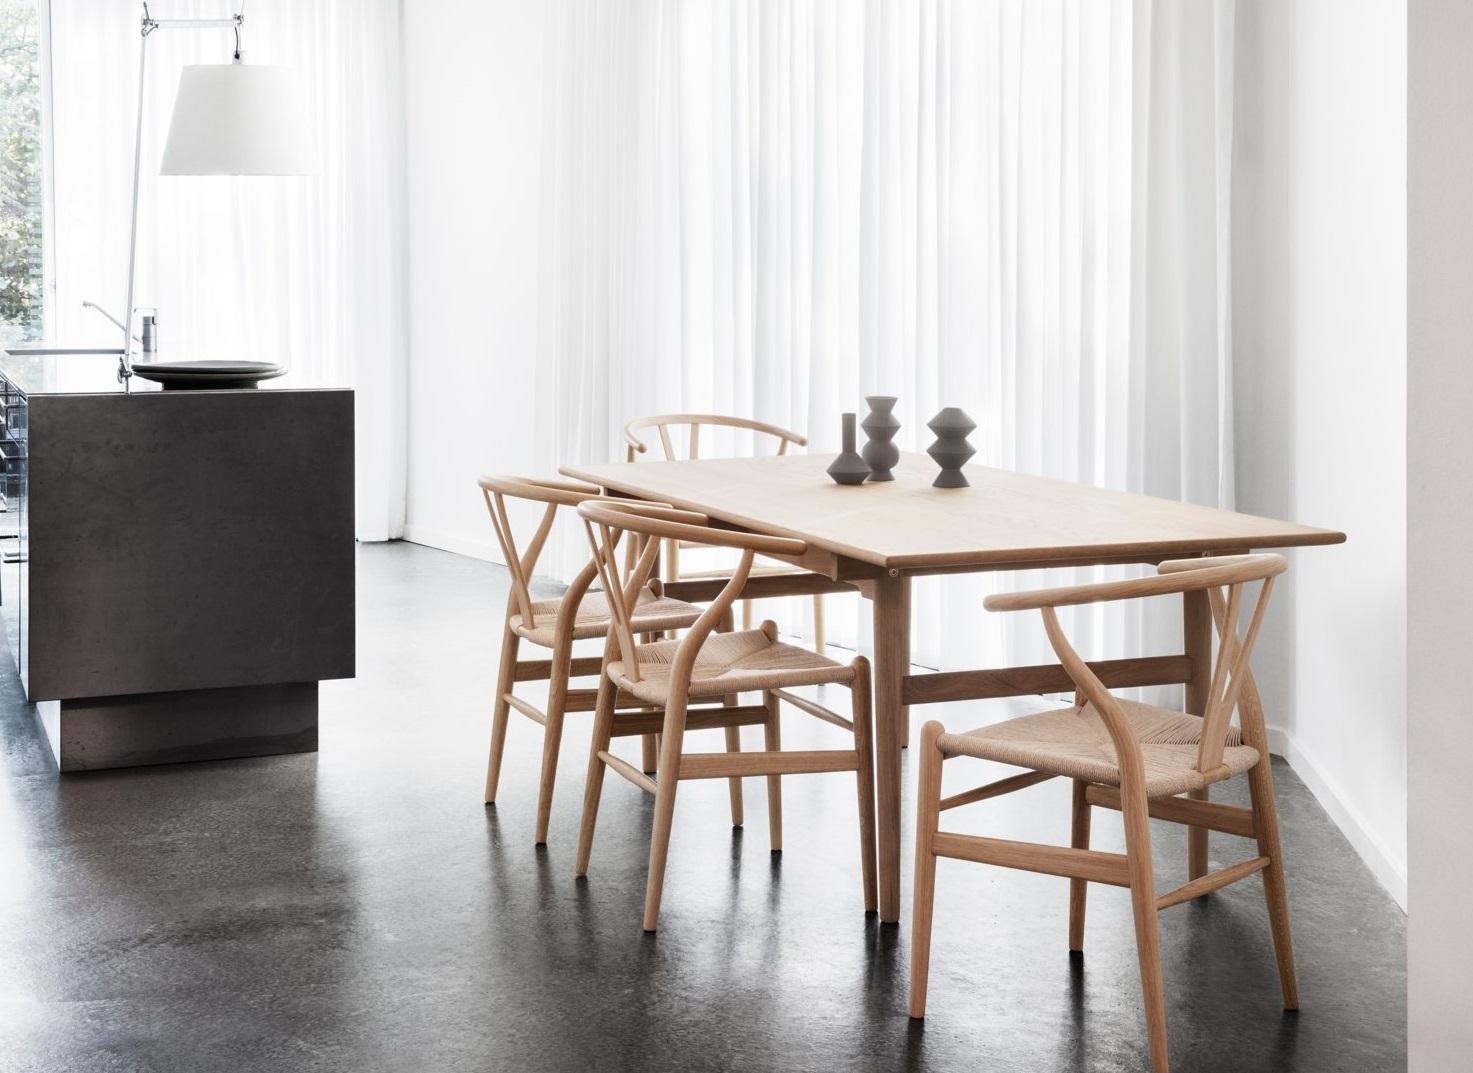 Ghế Wishbone màu sắc tự nhiên cho không gian phòng ăn.